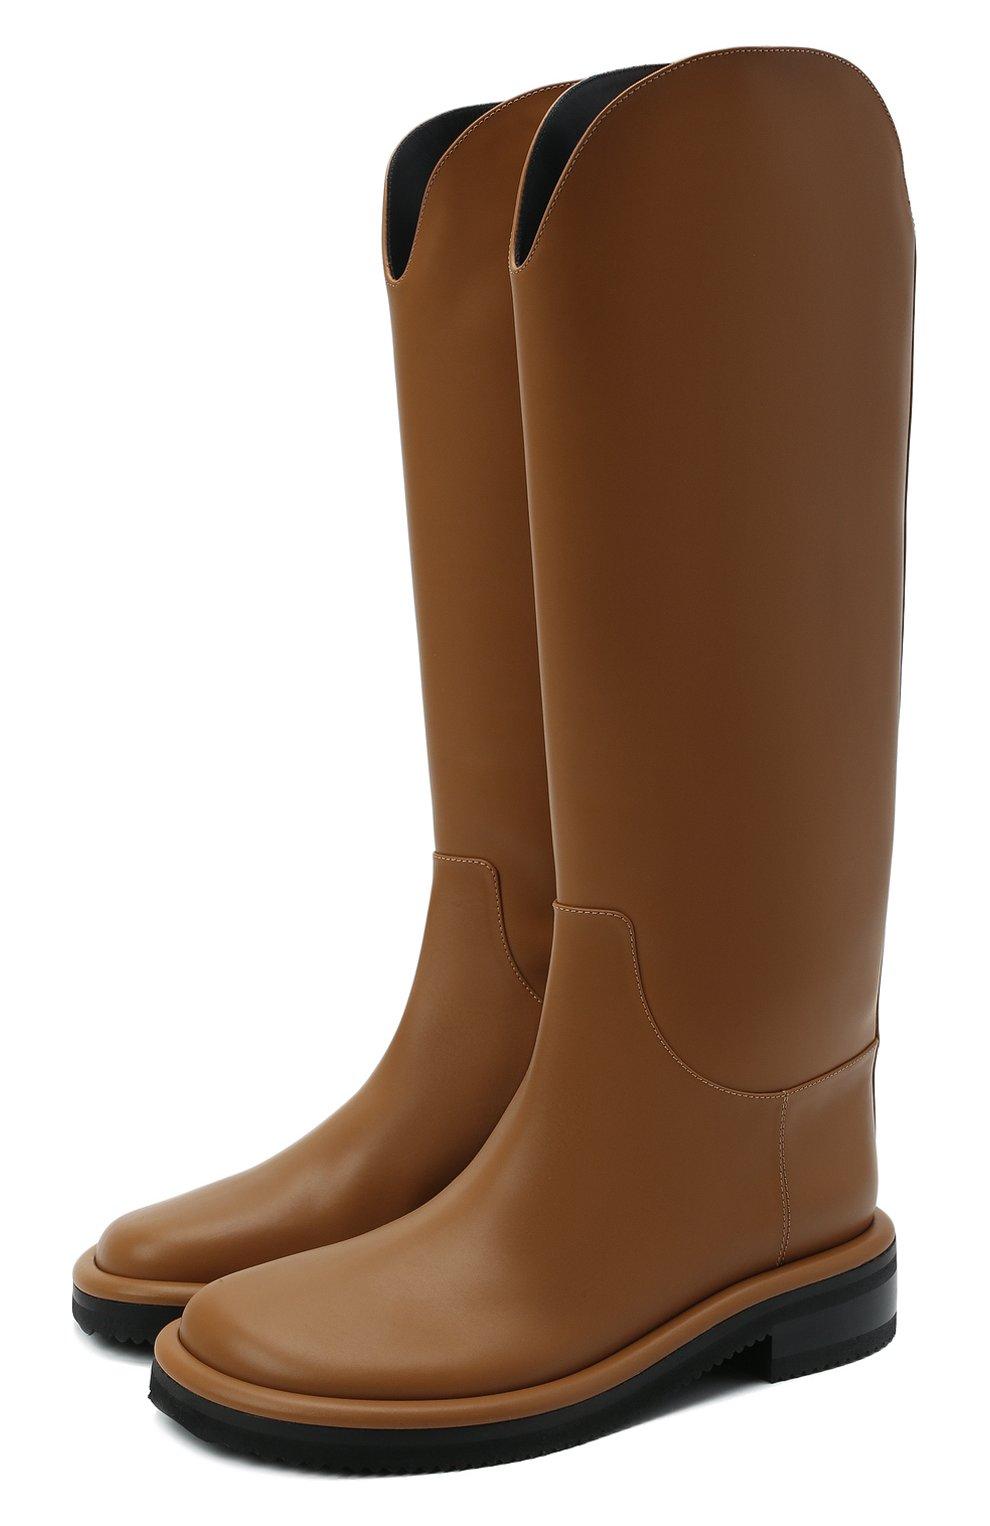 Женские кожаные сапоги pipe riding PROENZA SCHOULER светло-коричневого цвета, арт. PS37012A/14033 | Фото 1 (Подошва: Платформа; Высота голенища: Средние; Каблук высота: Низкий; Материал внутренний: Натуральная кожа; Каблук тип: Устойчивый)